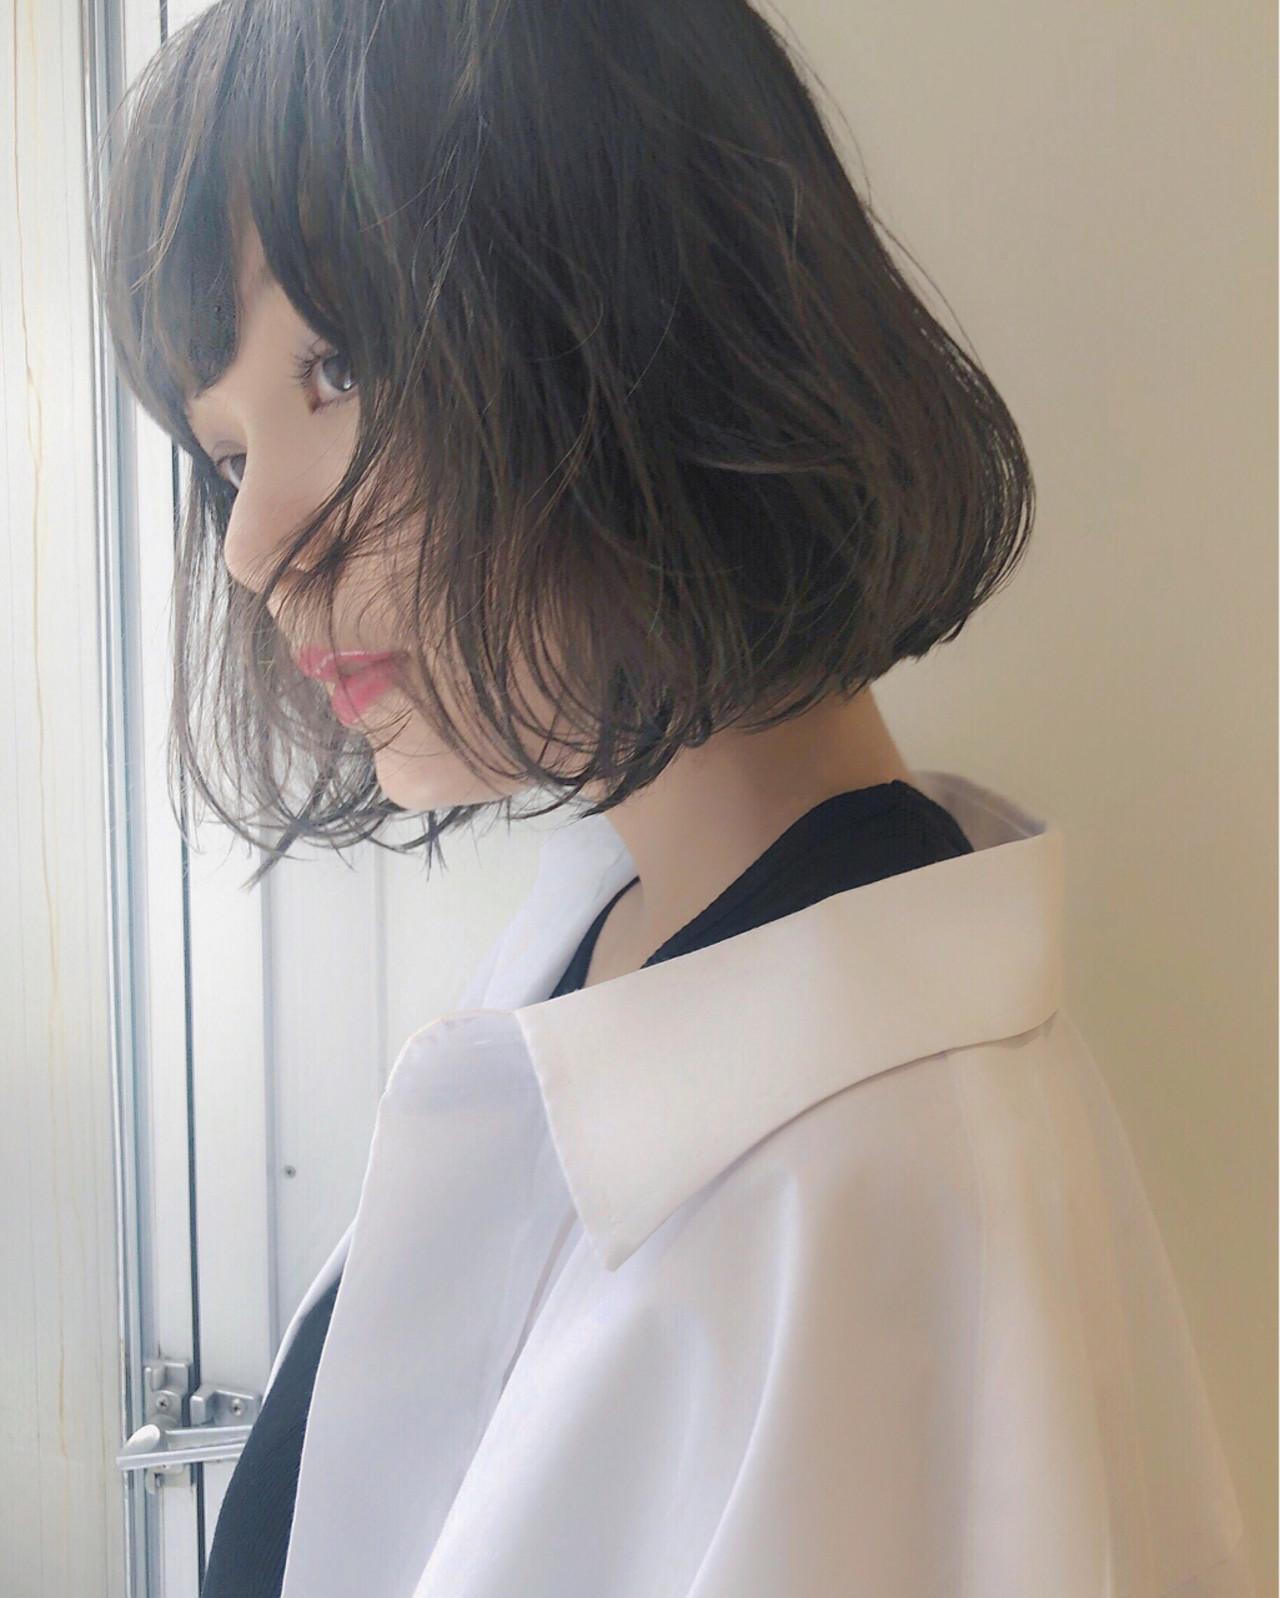 ボブ フェミニン エフォートレス ナチュラル ヘアスタイルや髪型の写真・画像 | LIPPS 銀座 かずや / LIPPS 銀座